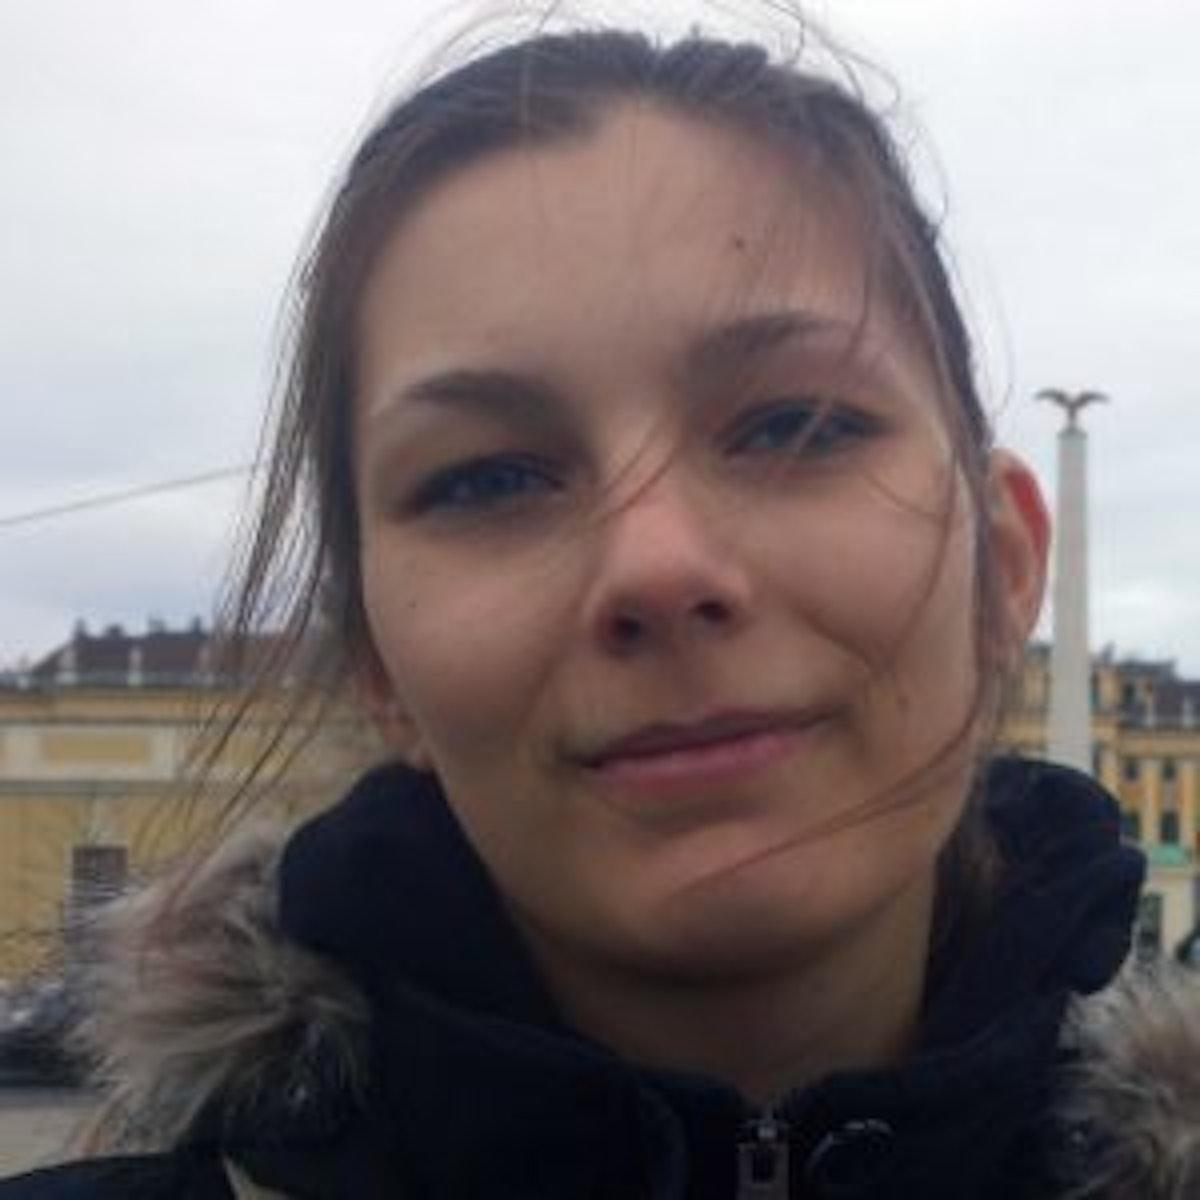 Ana Marie Begic